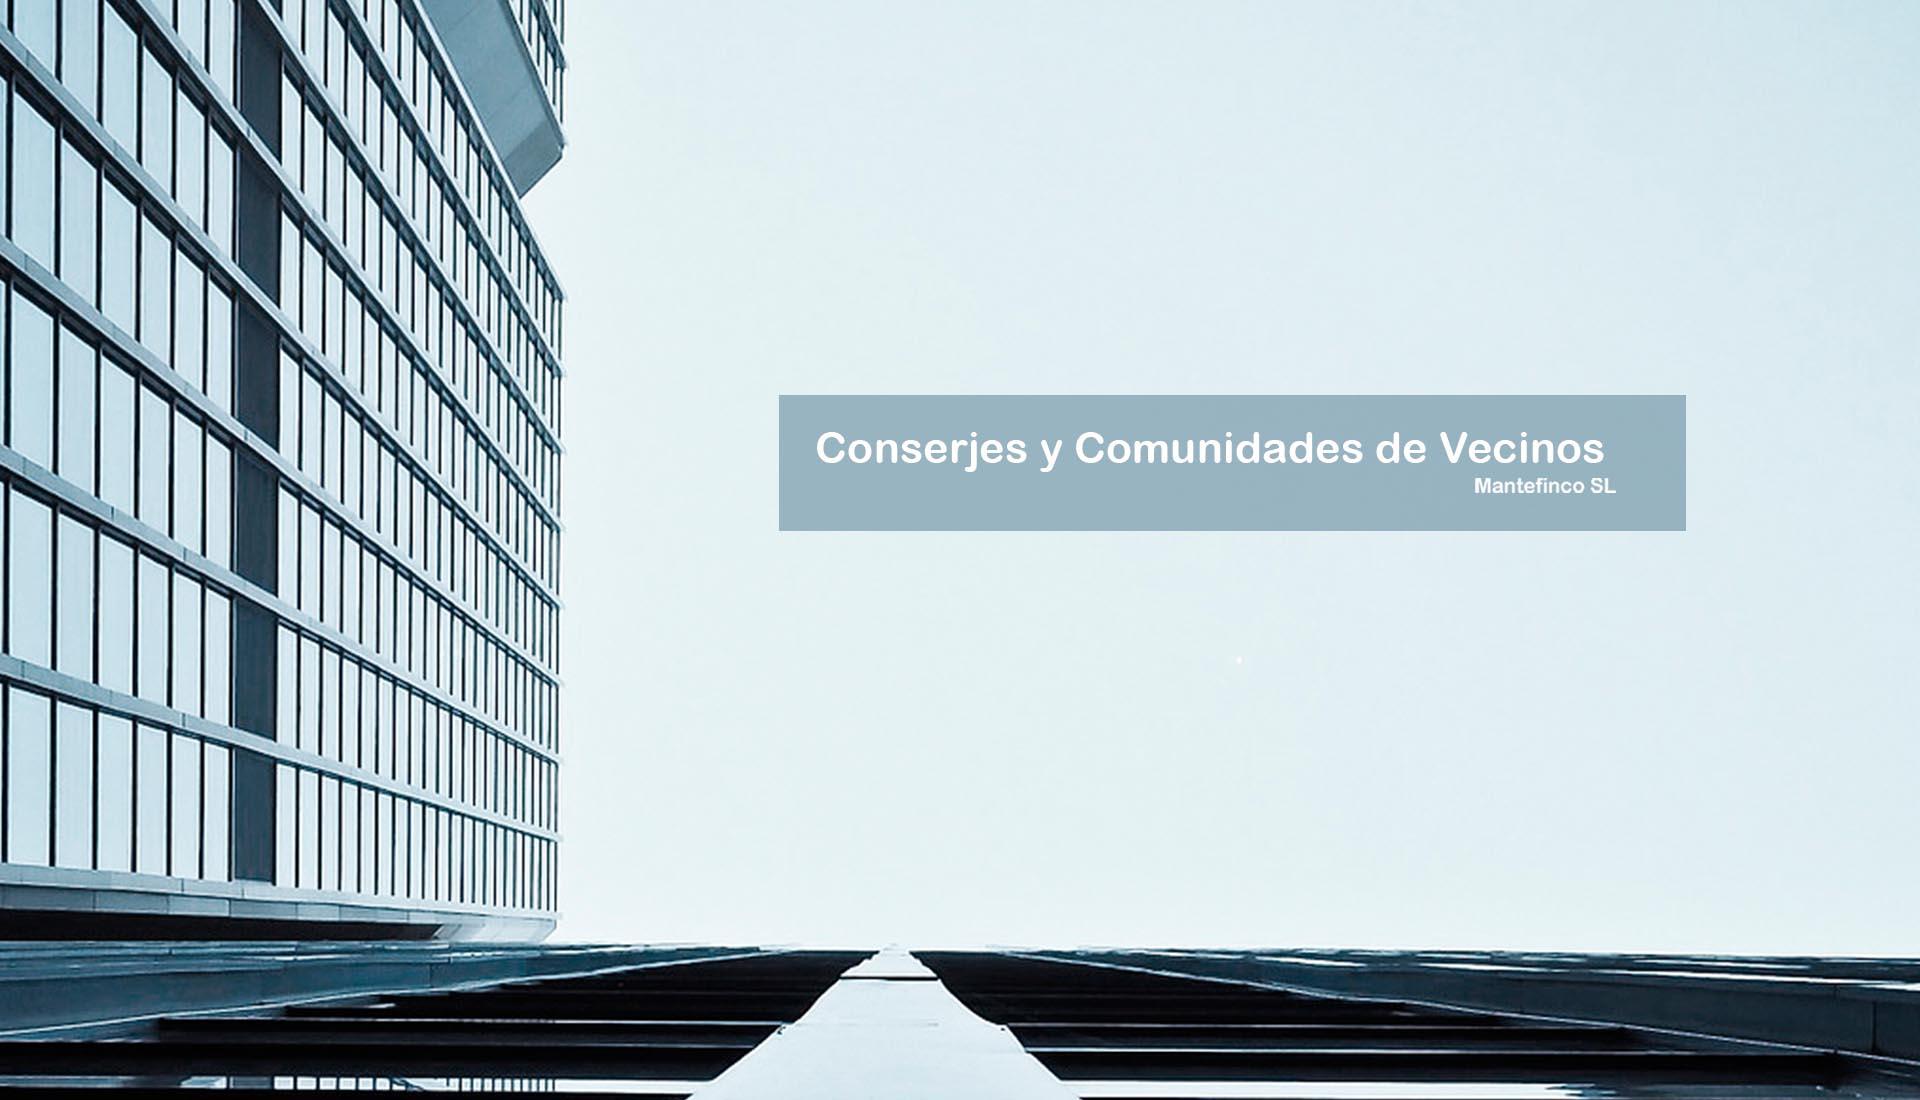 Conserjes y Comunidades de Vecinos